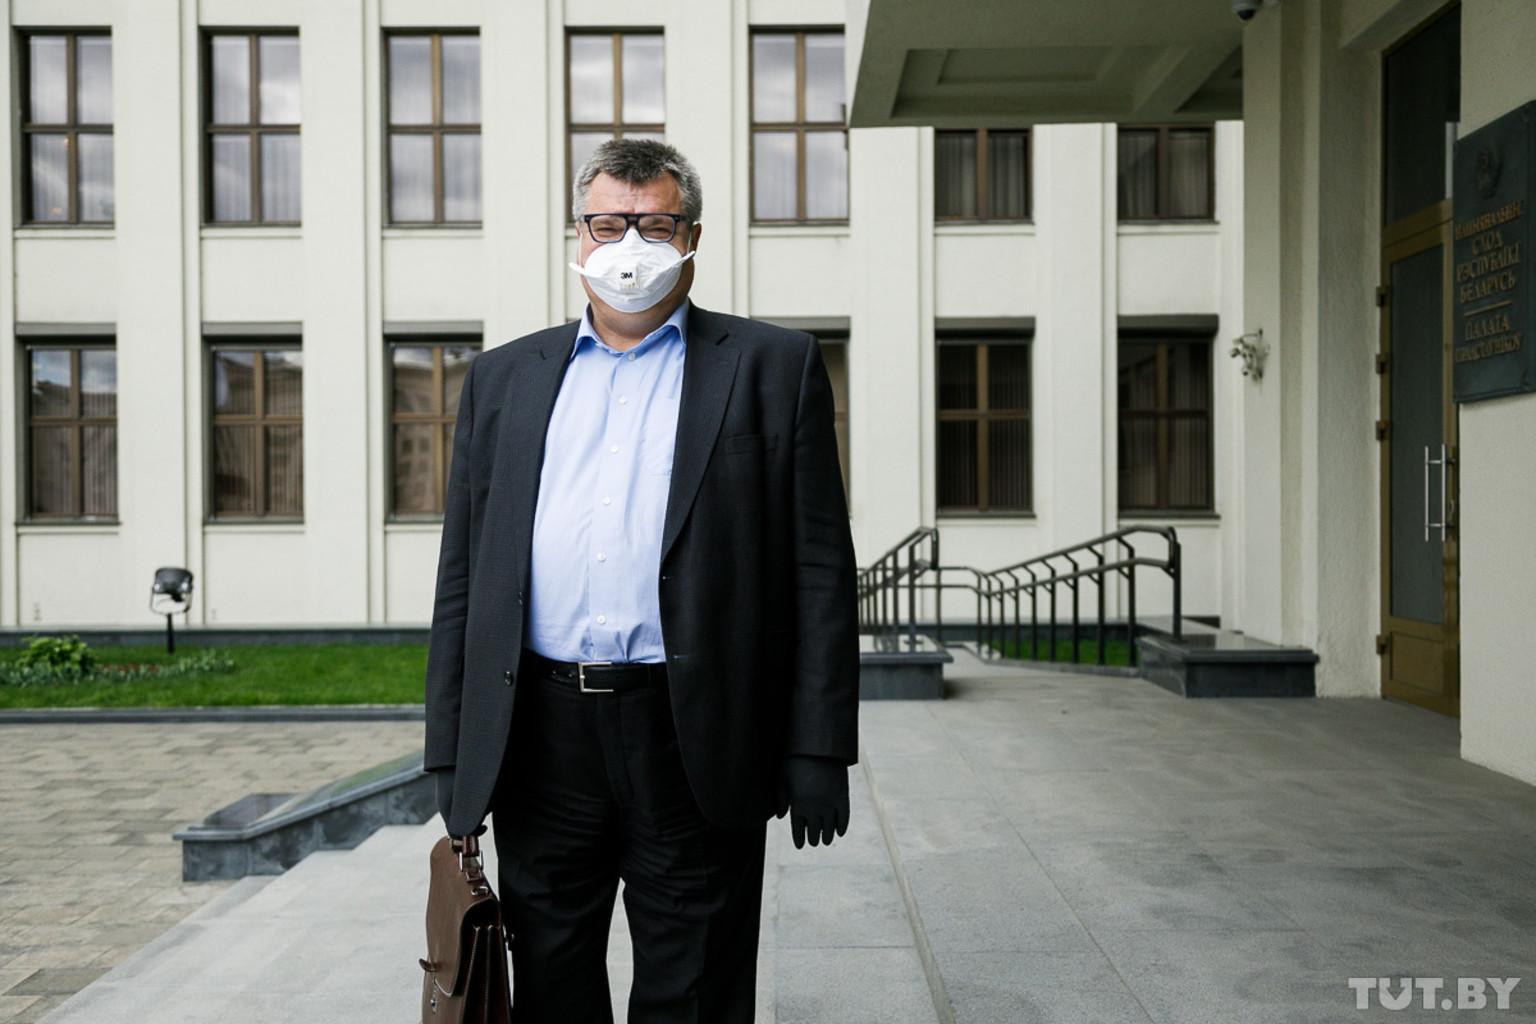 Viktor babariko 20200601 shuk tutby phsl 5322 %281%29